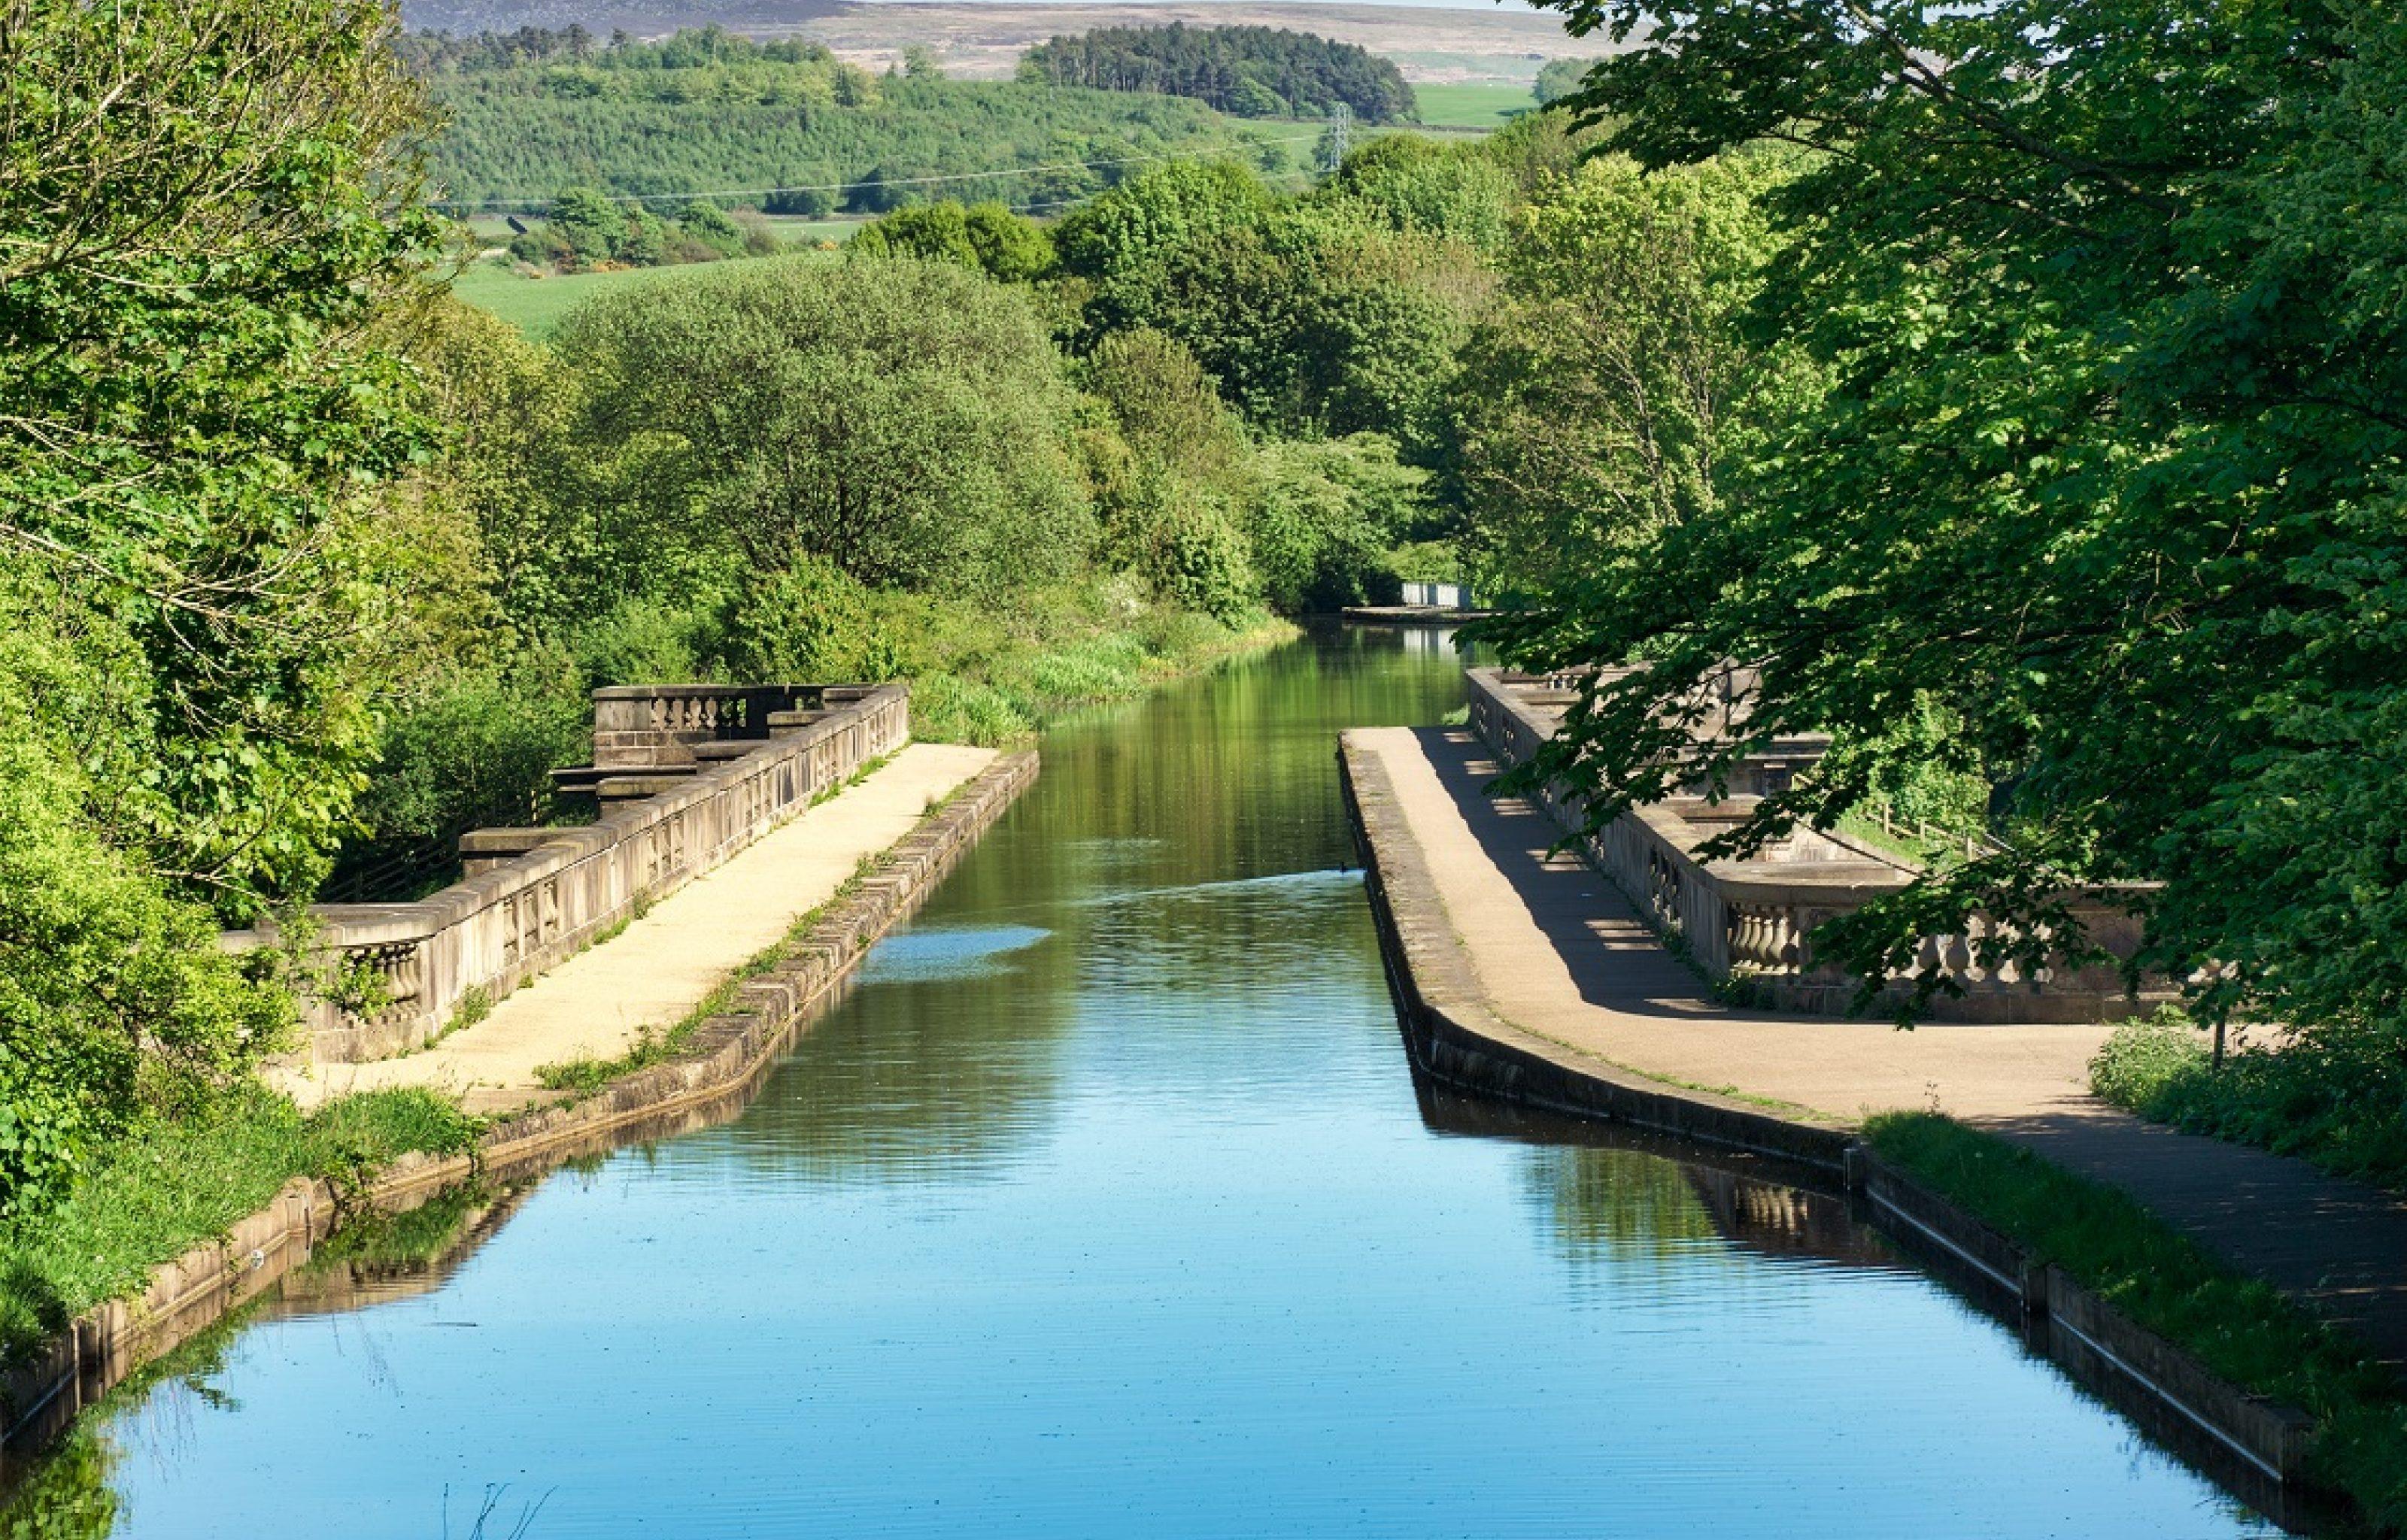 Lancaster Aqueduct